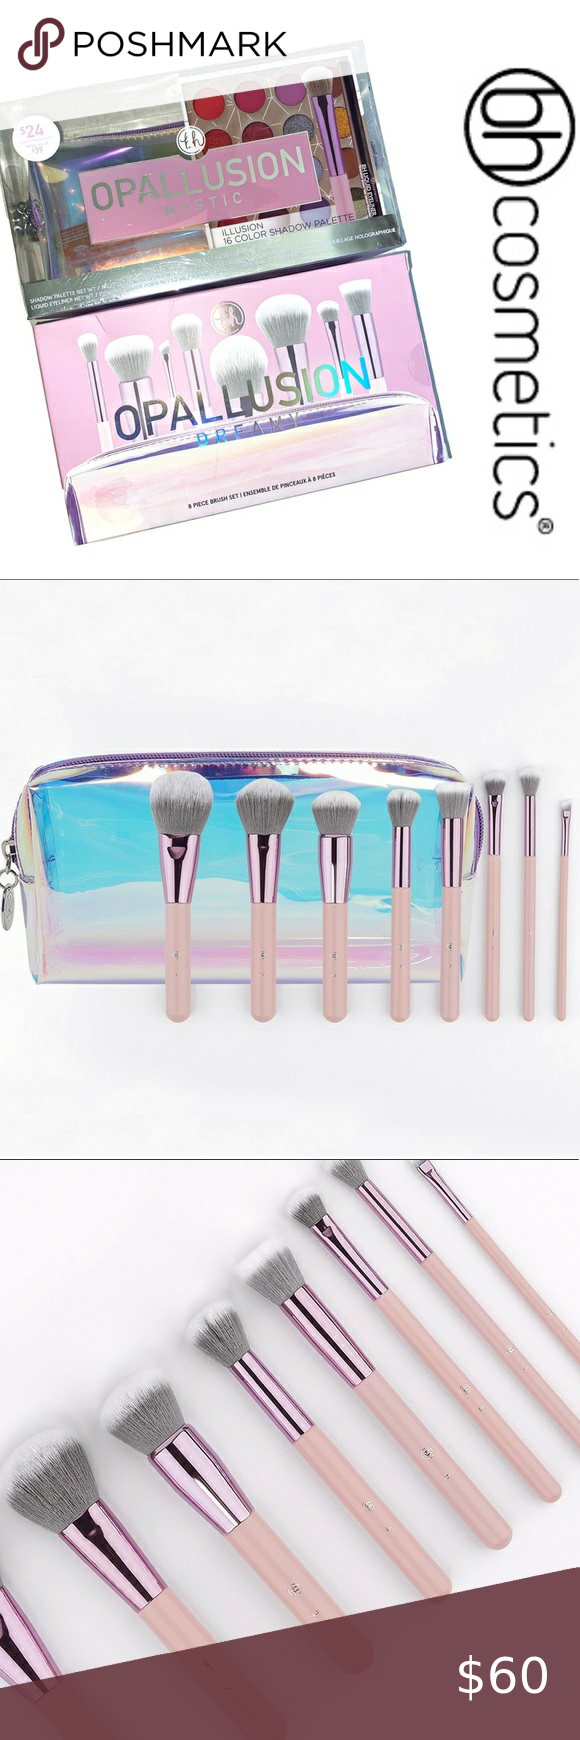 BH Cosmetics Opallusion Mystic & Dreamy Bundle in 2020 ...